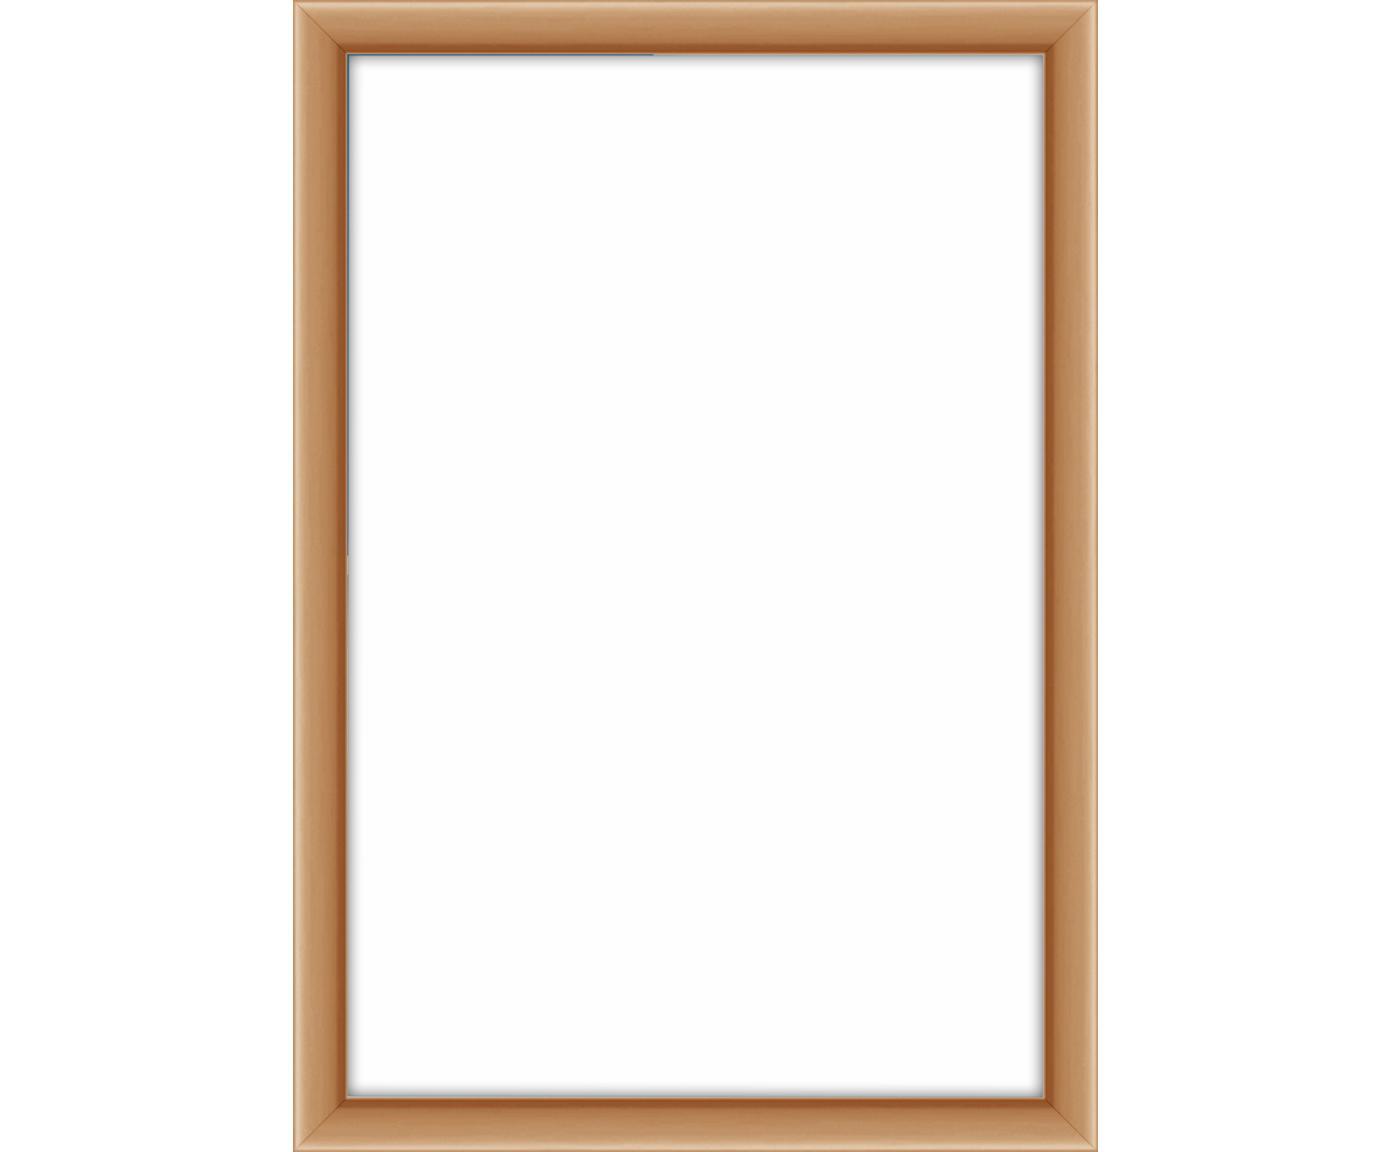 Ramka na zdjęcia Accent, Odcienie miedzi, 13 x 18 cm